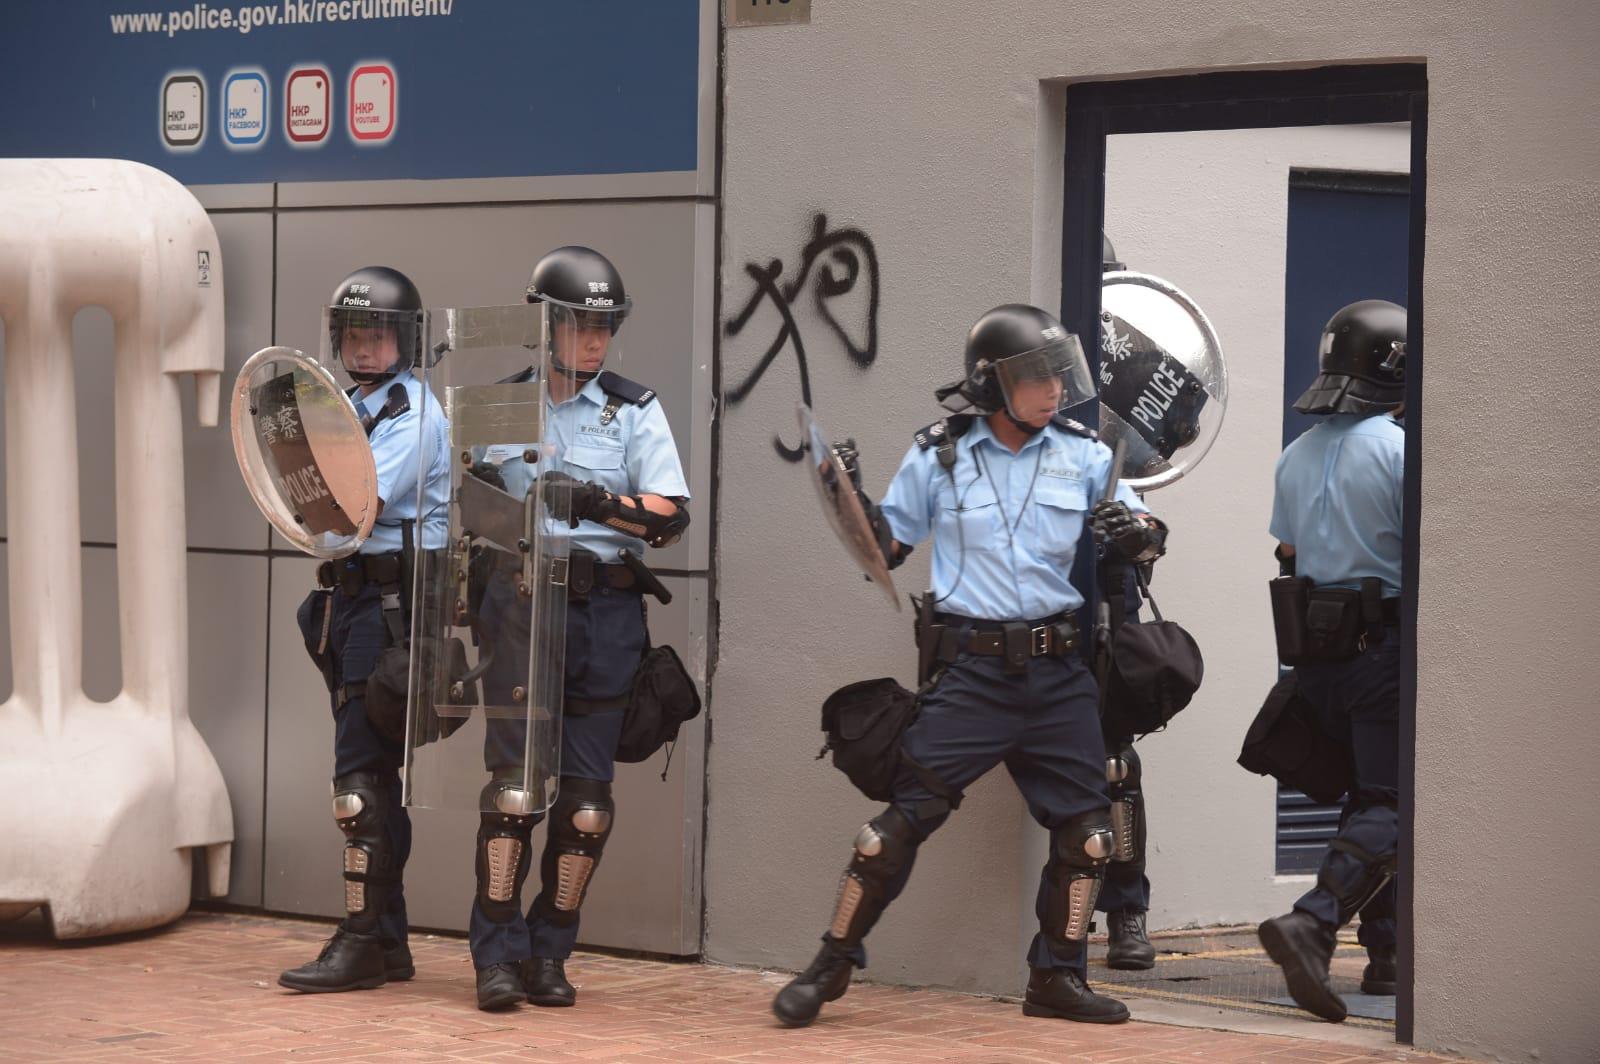 將軍澳警署防暴警驅趕示威者